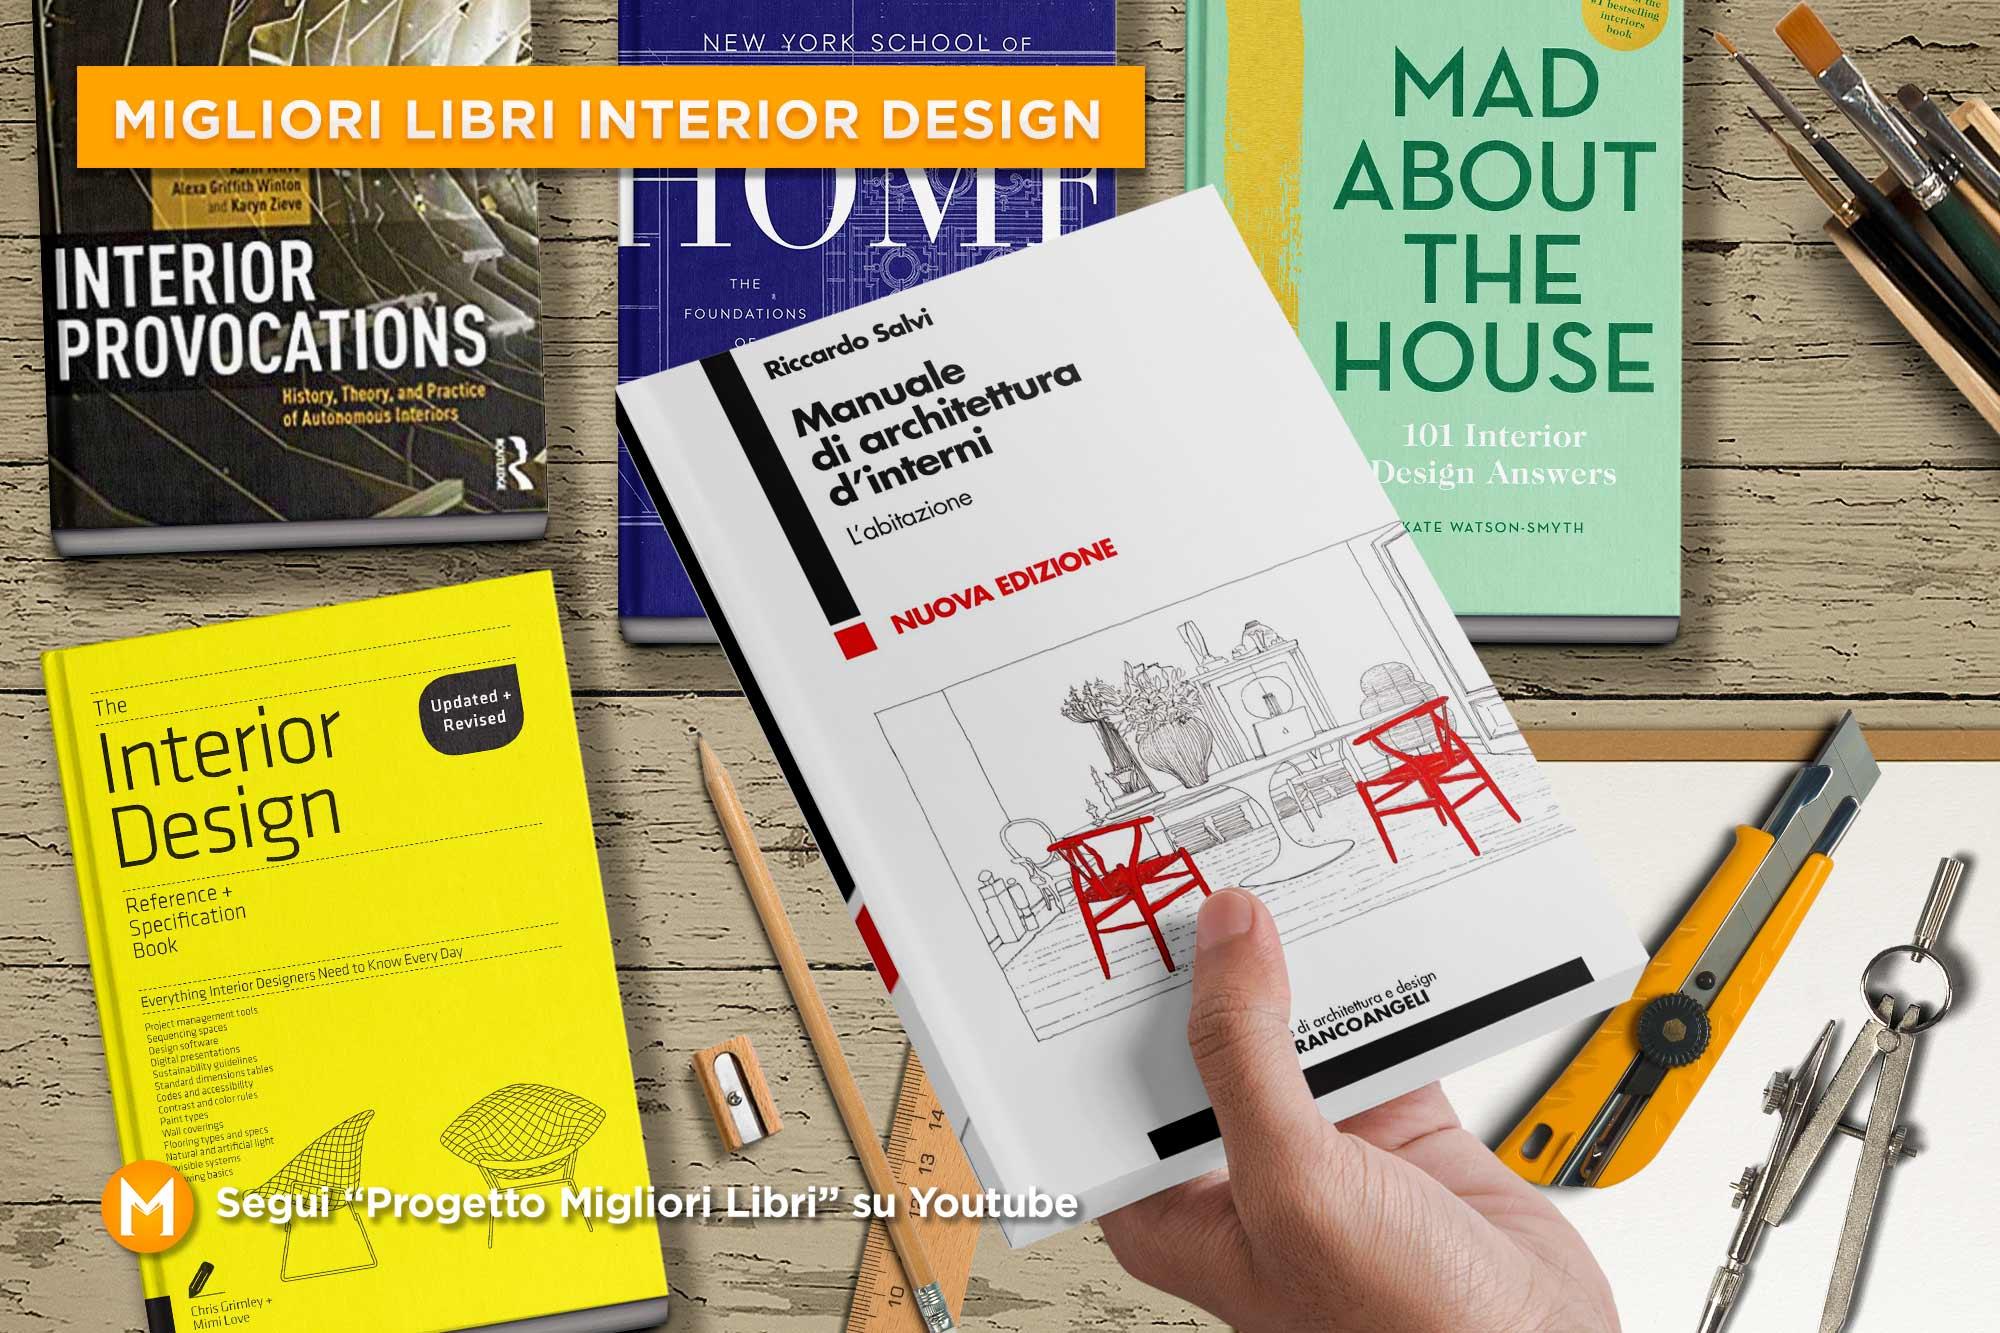 migliori-libri-interior-design